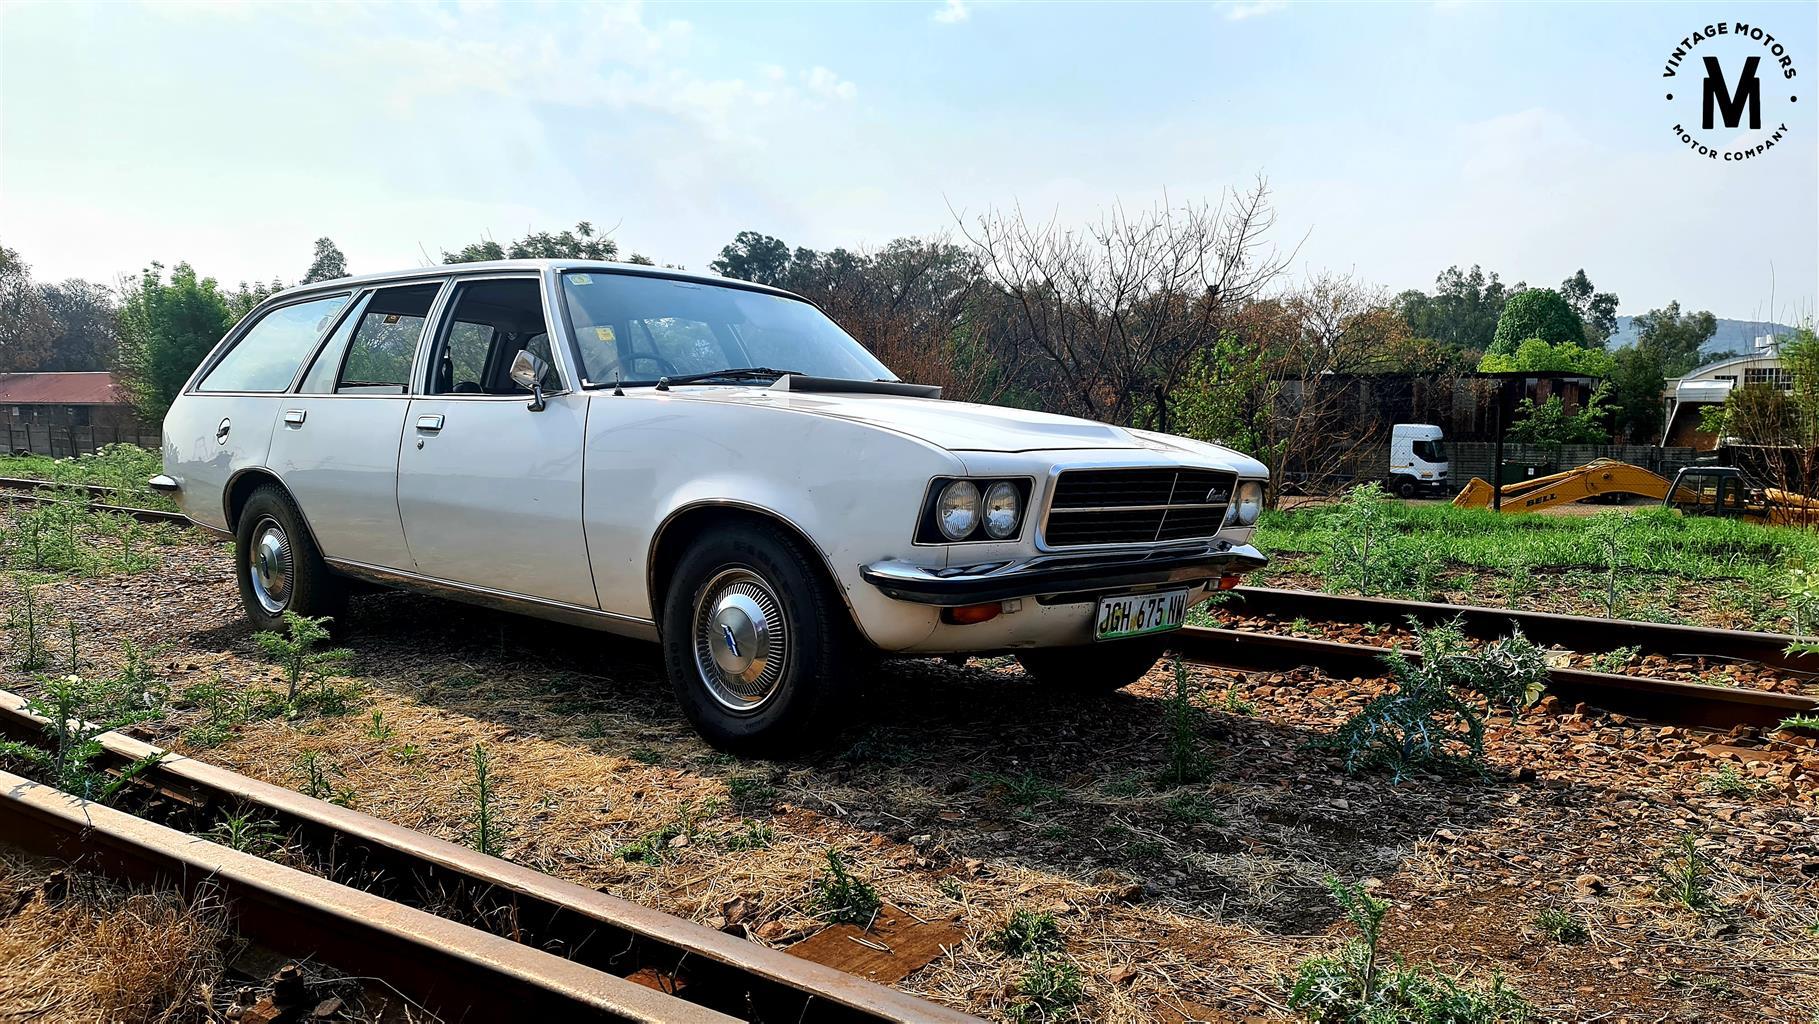 1976 Chevrolet Station wagon 3800